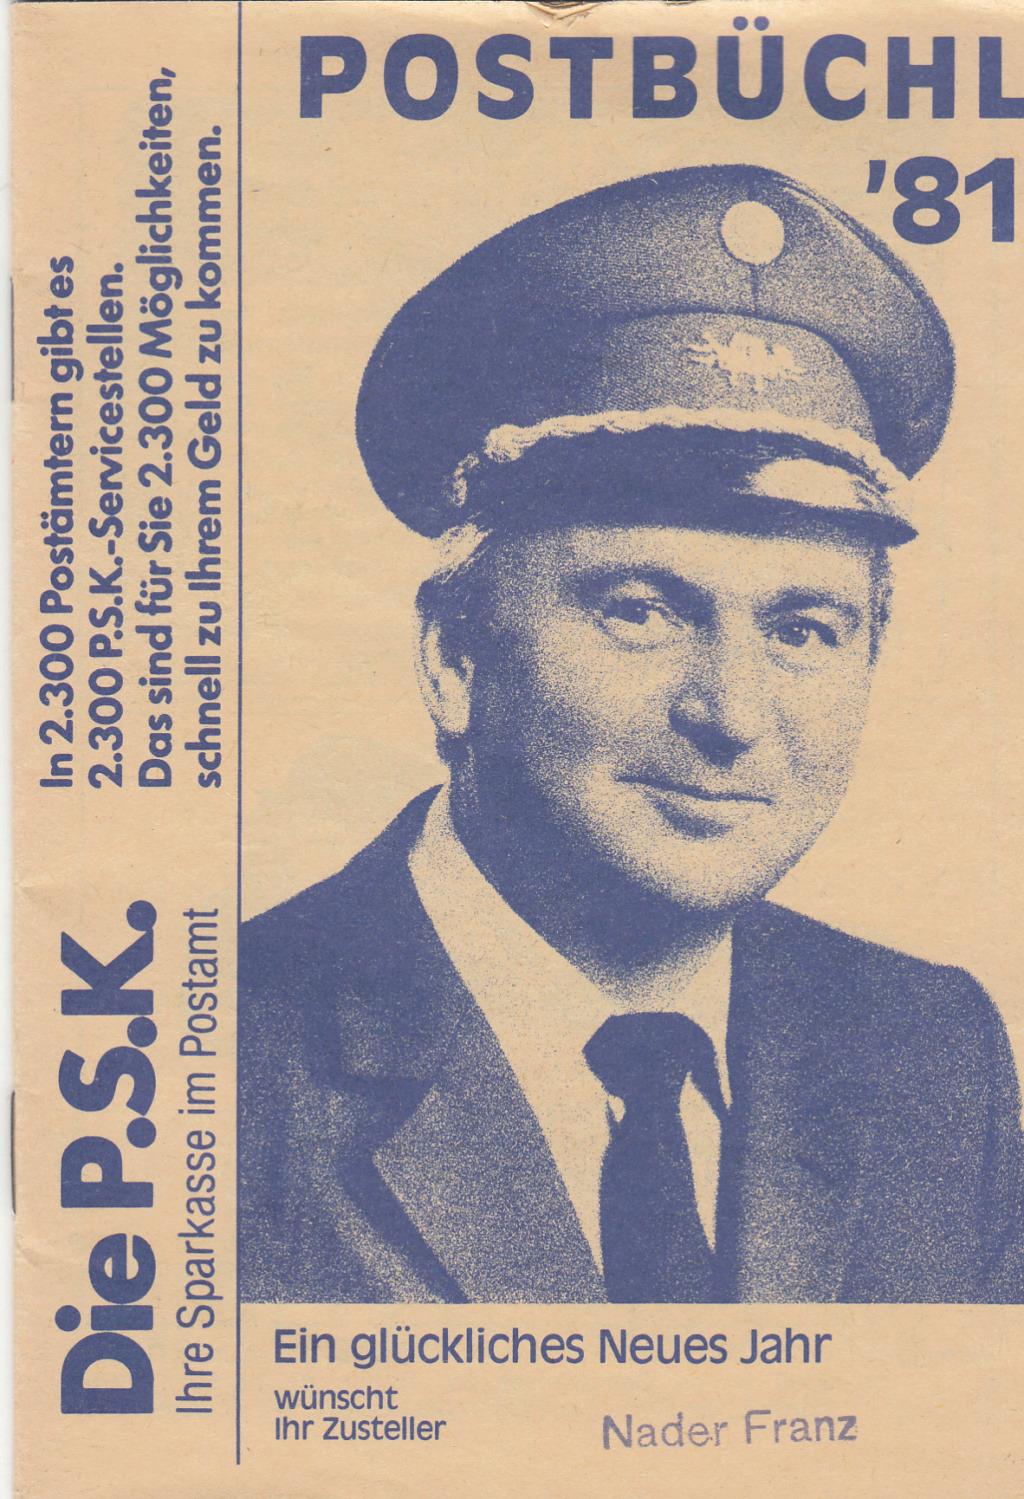 Postbüchl - Das kleine Postbuch Img309